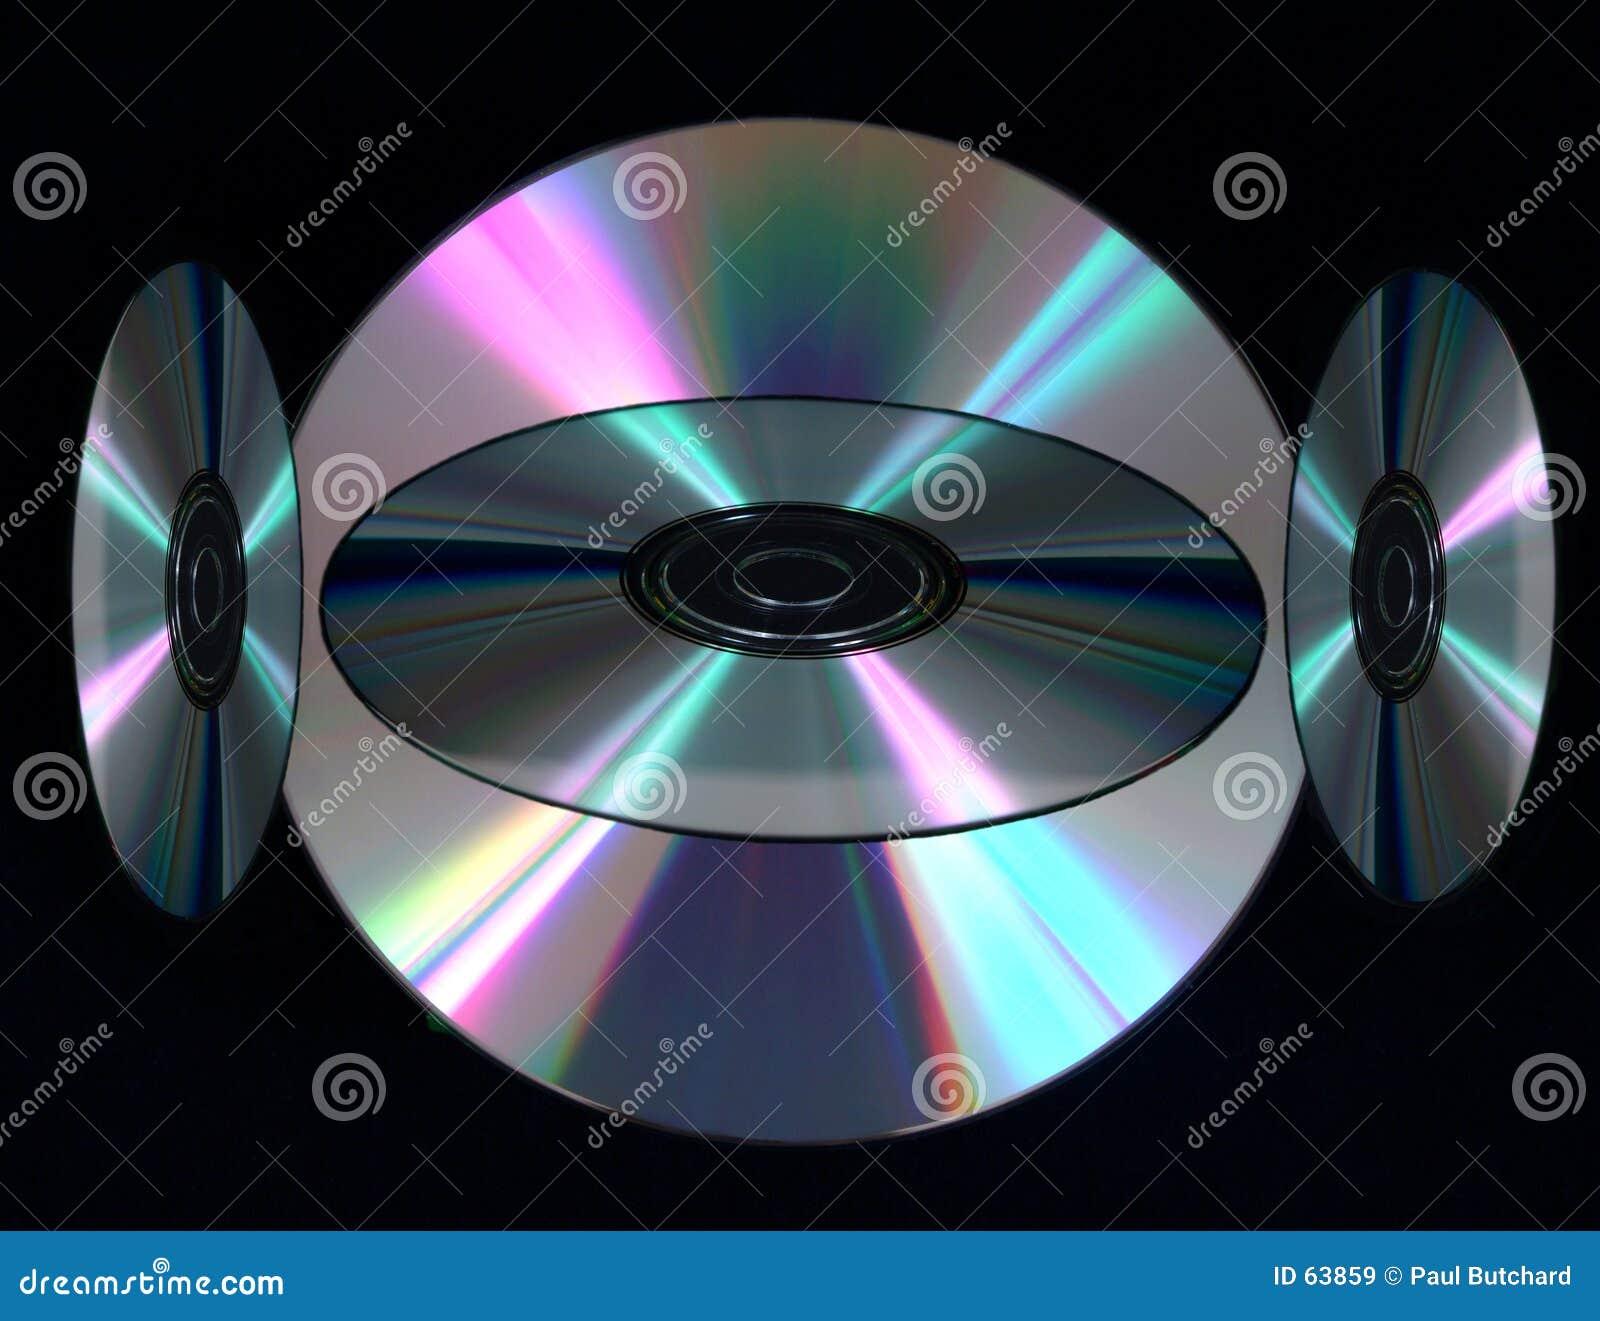 Download Disques Compacts De Digitals Image stock - Image du copie, abstrait: 63859